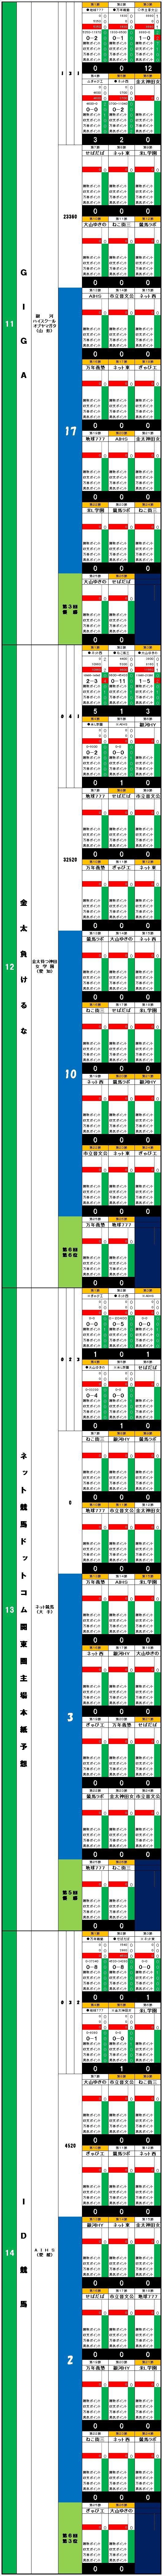 20150912・ダルマンリーグ第5節後半終了個人成績データ③.jpg